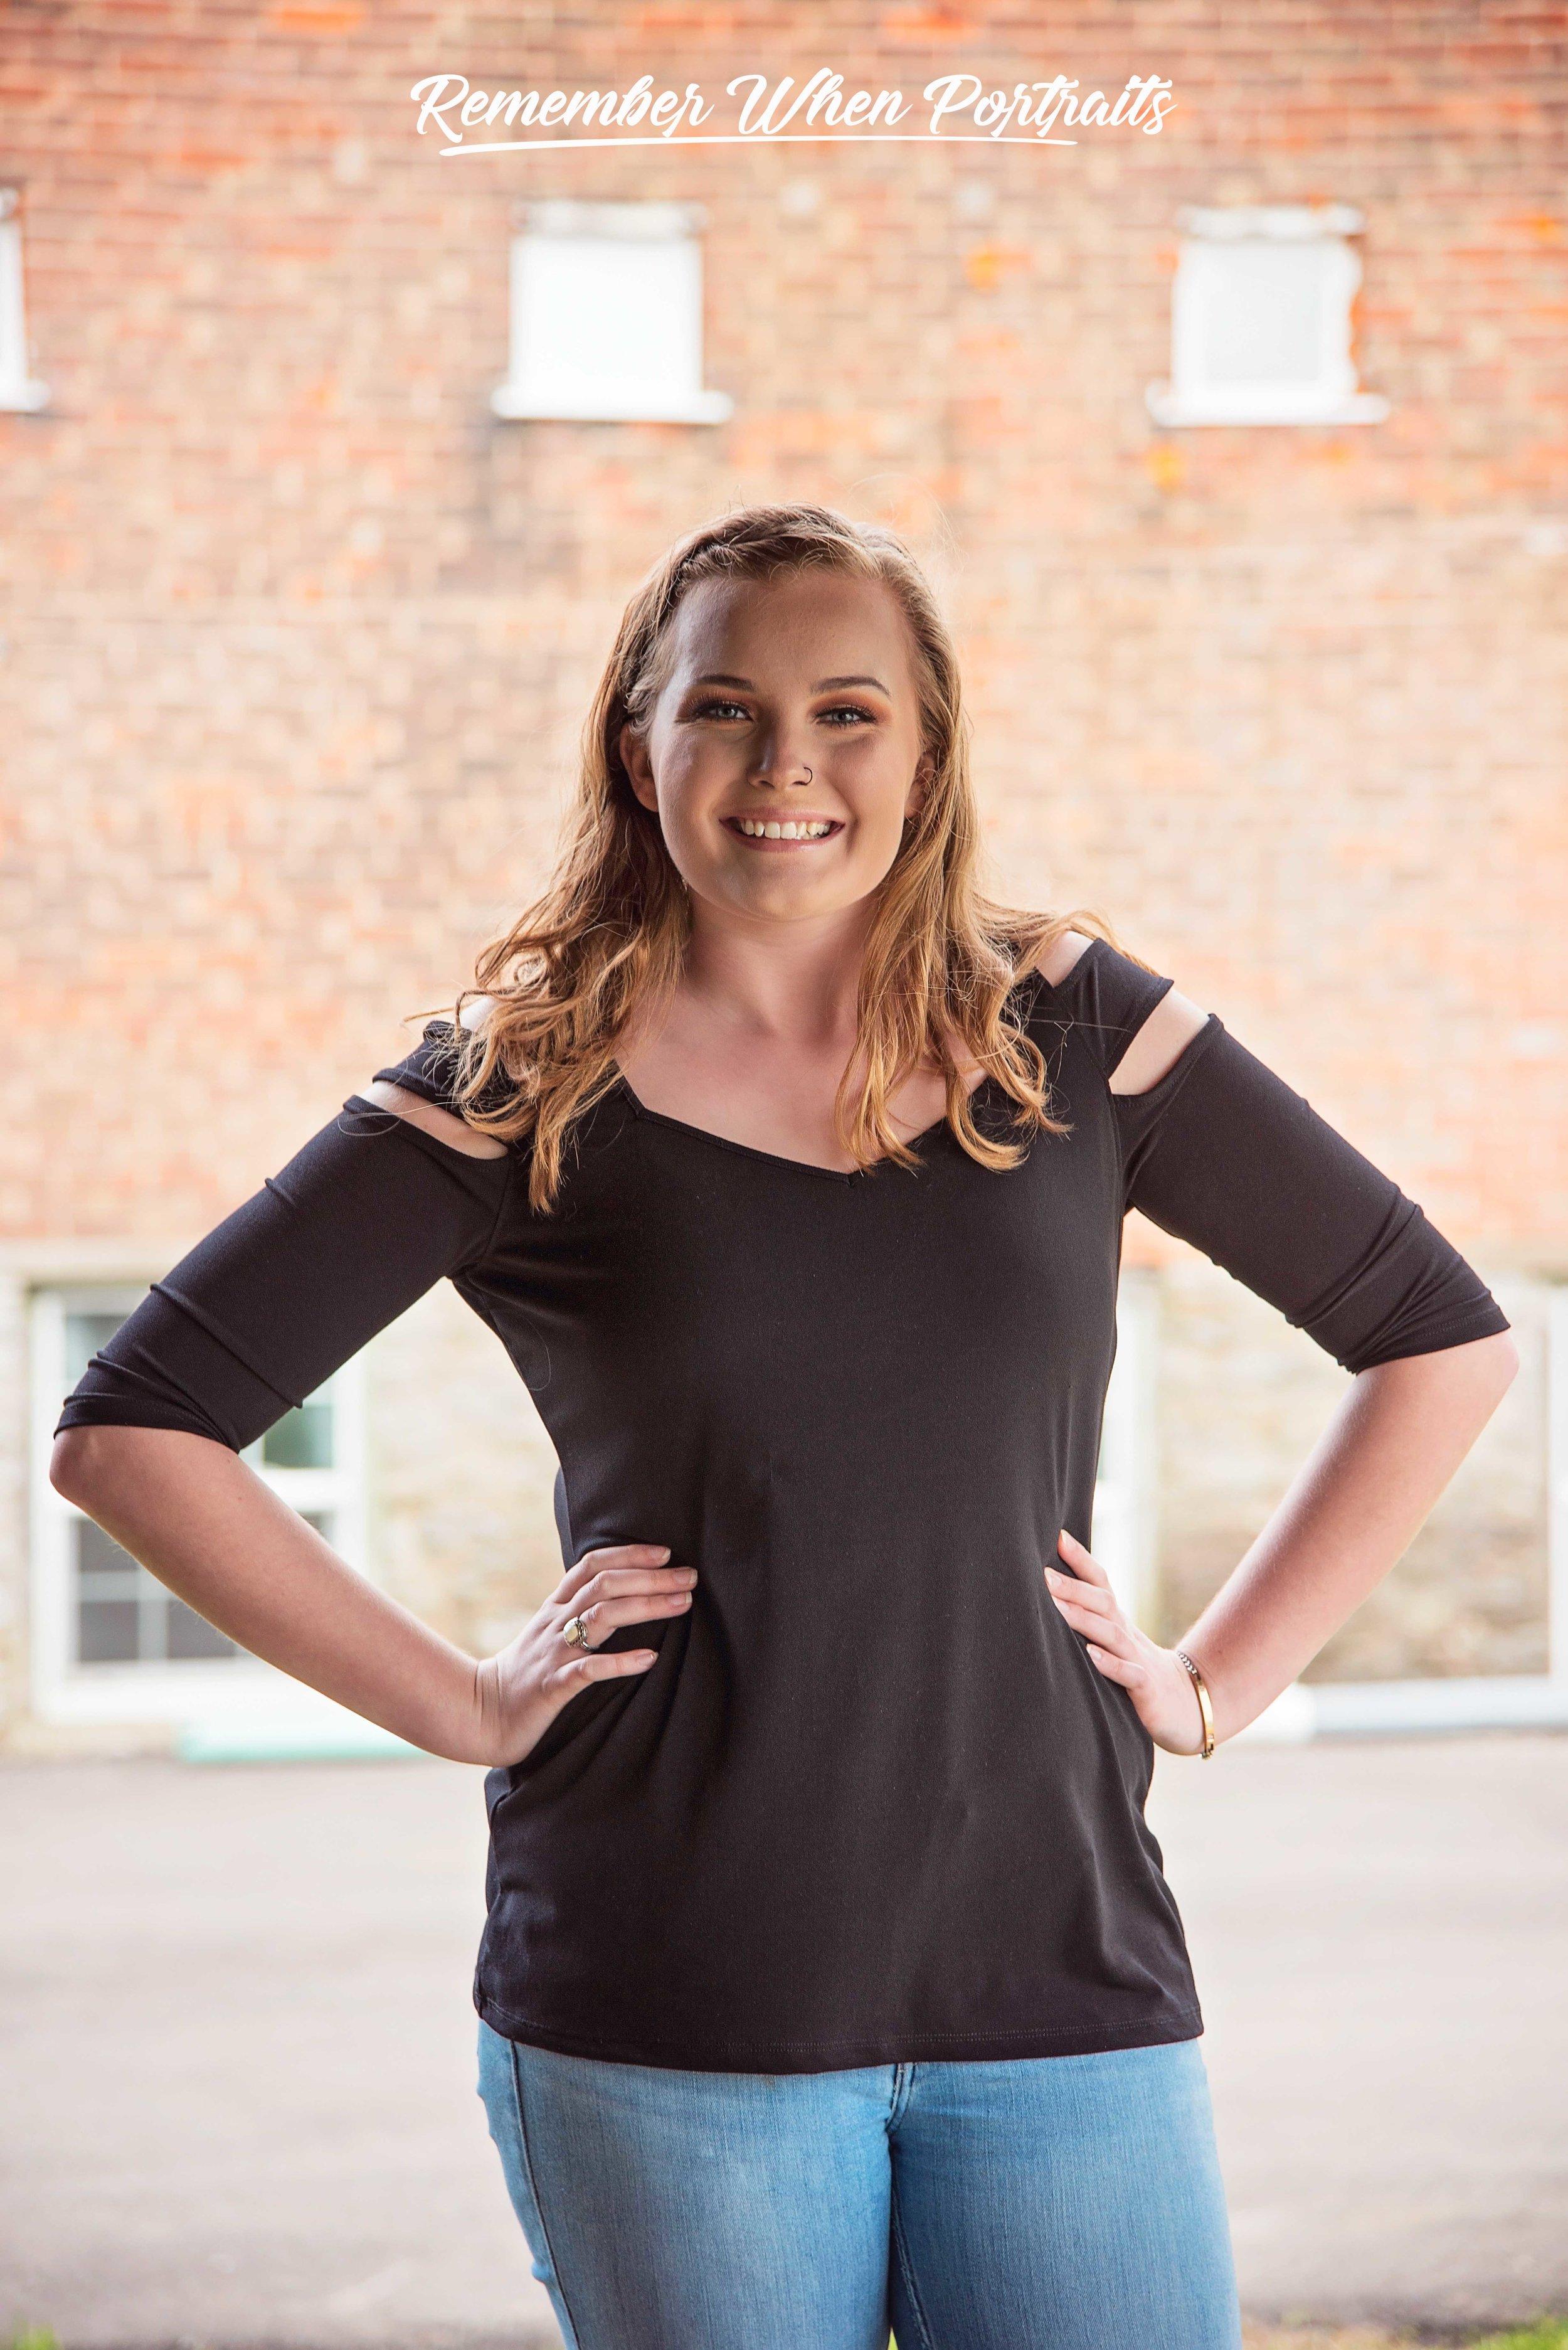 Mia Turner Class of 2020 Senior Pictures Remember When Portraits Hamilton High School Cincinnati Ohio